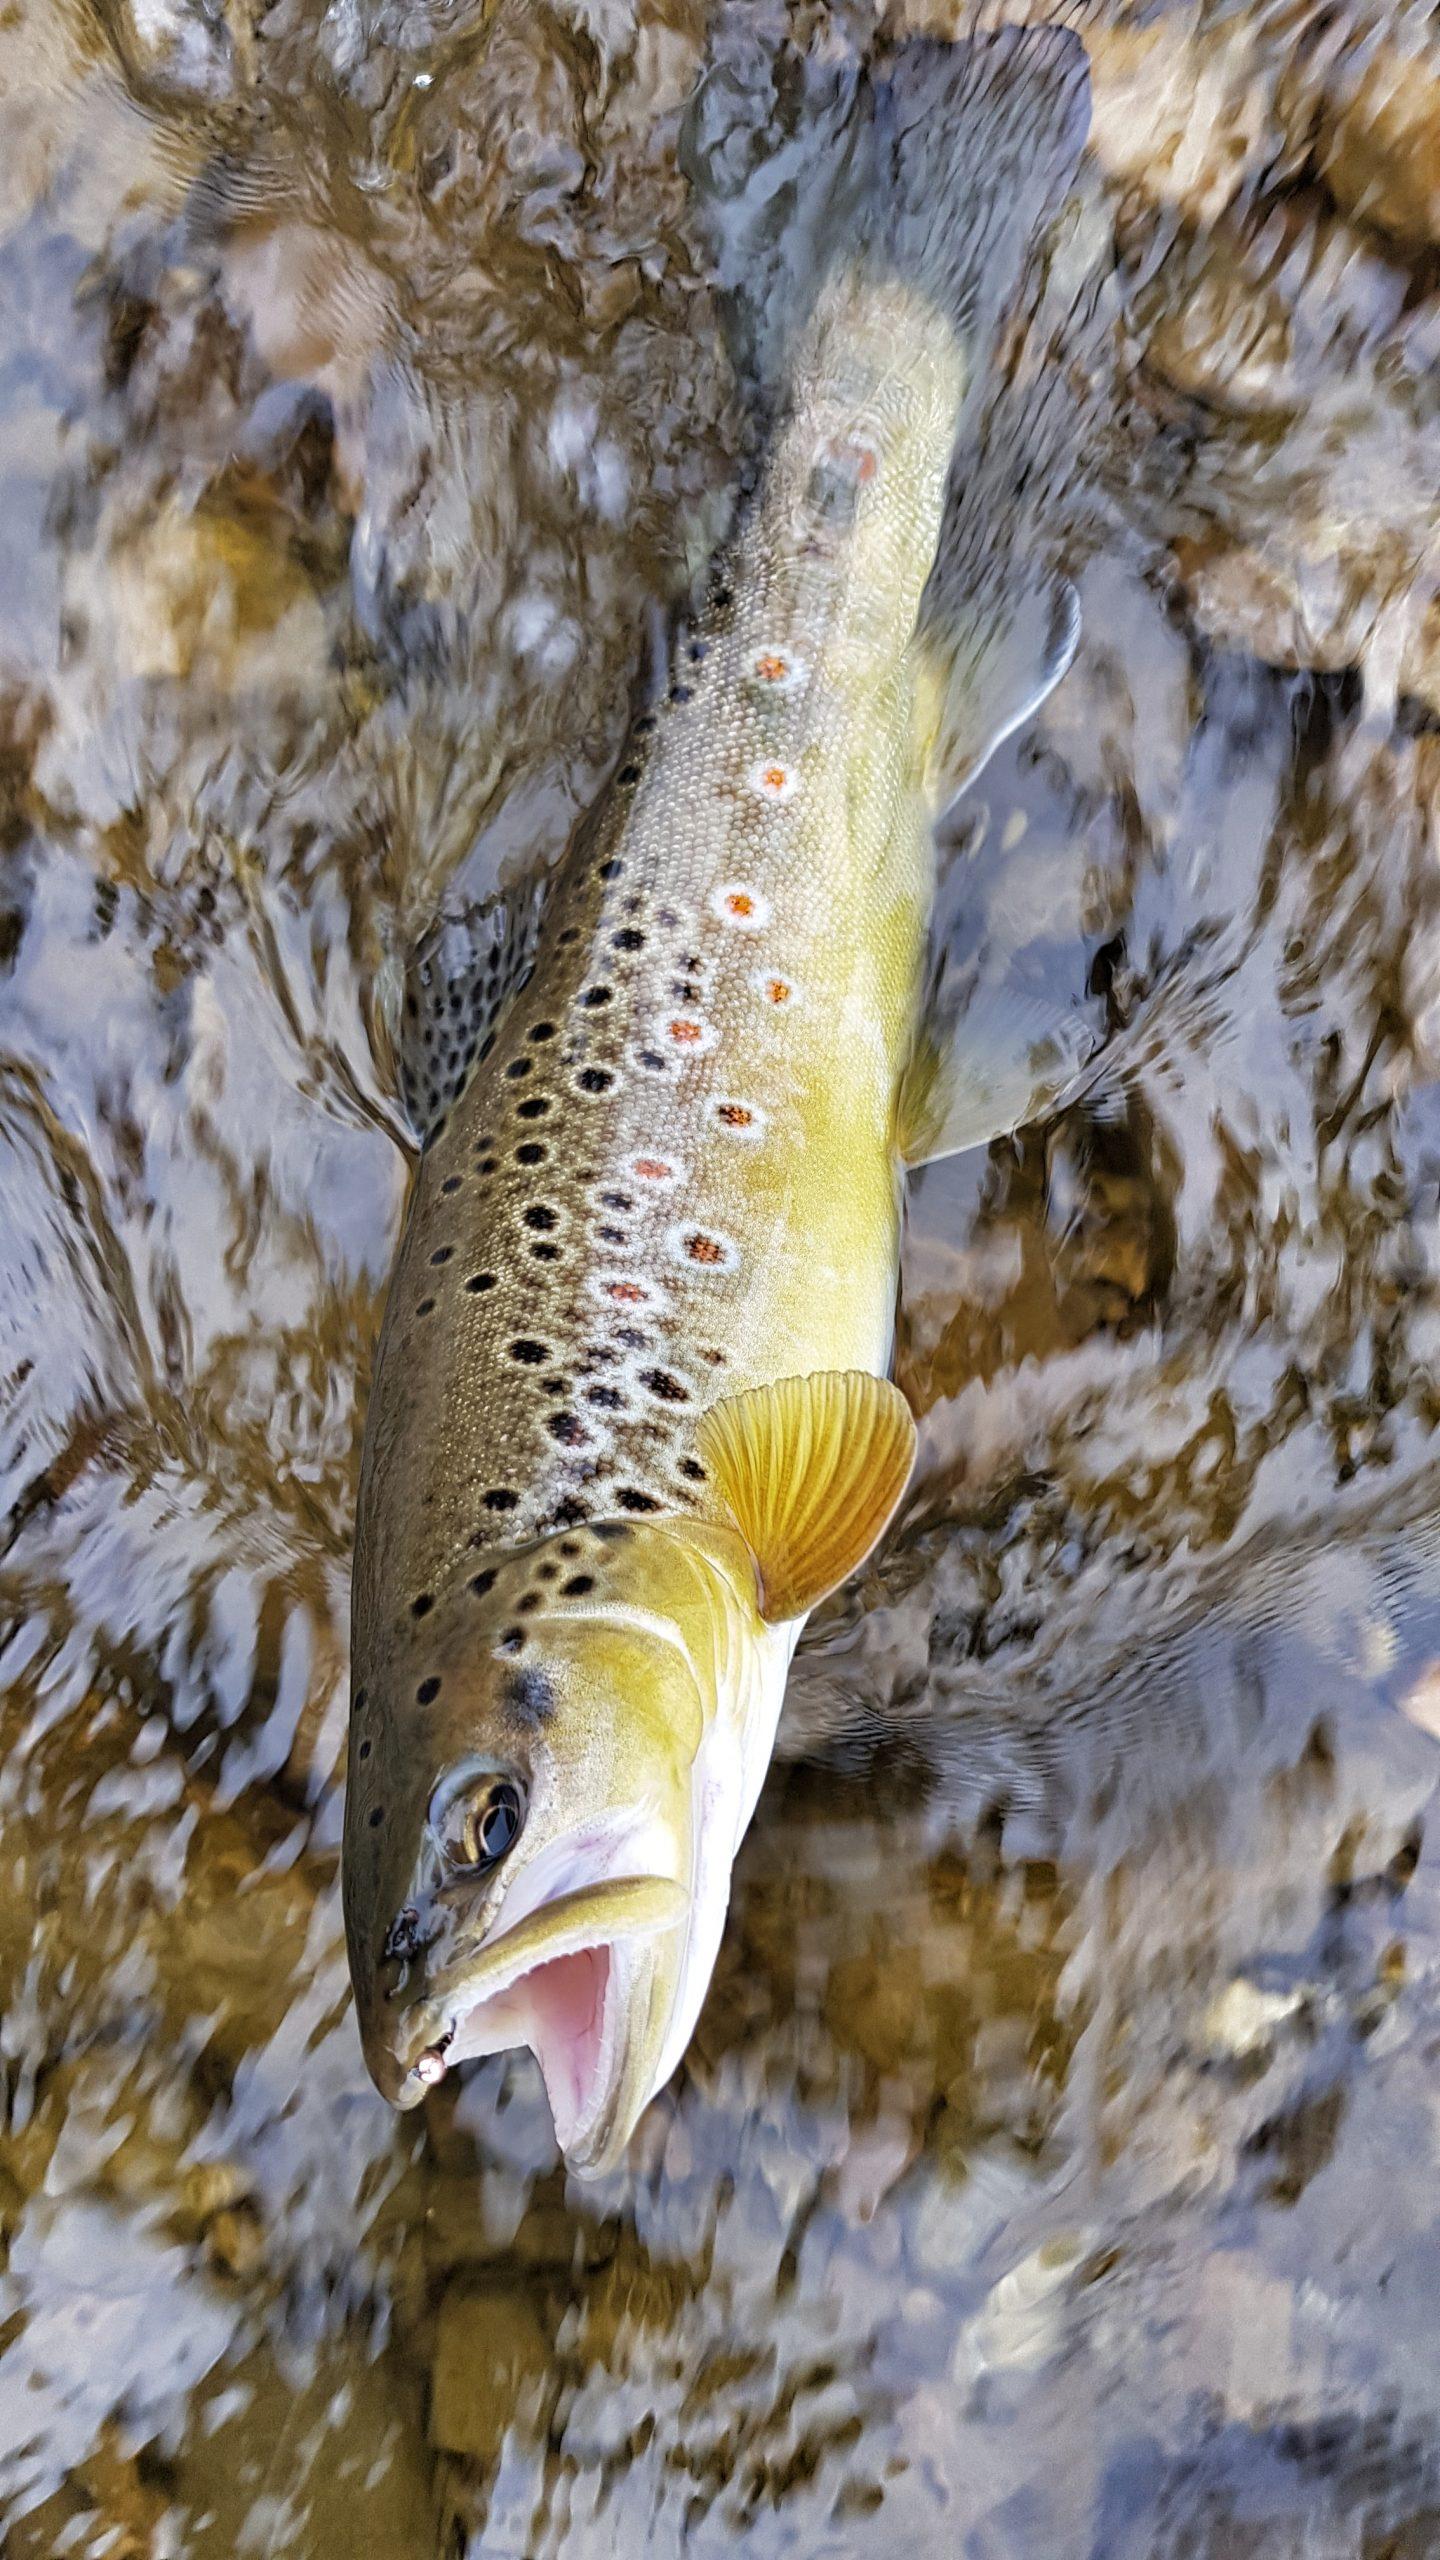 Perdigon nymph for Brown Trout - Poland Bialka River